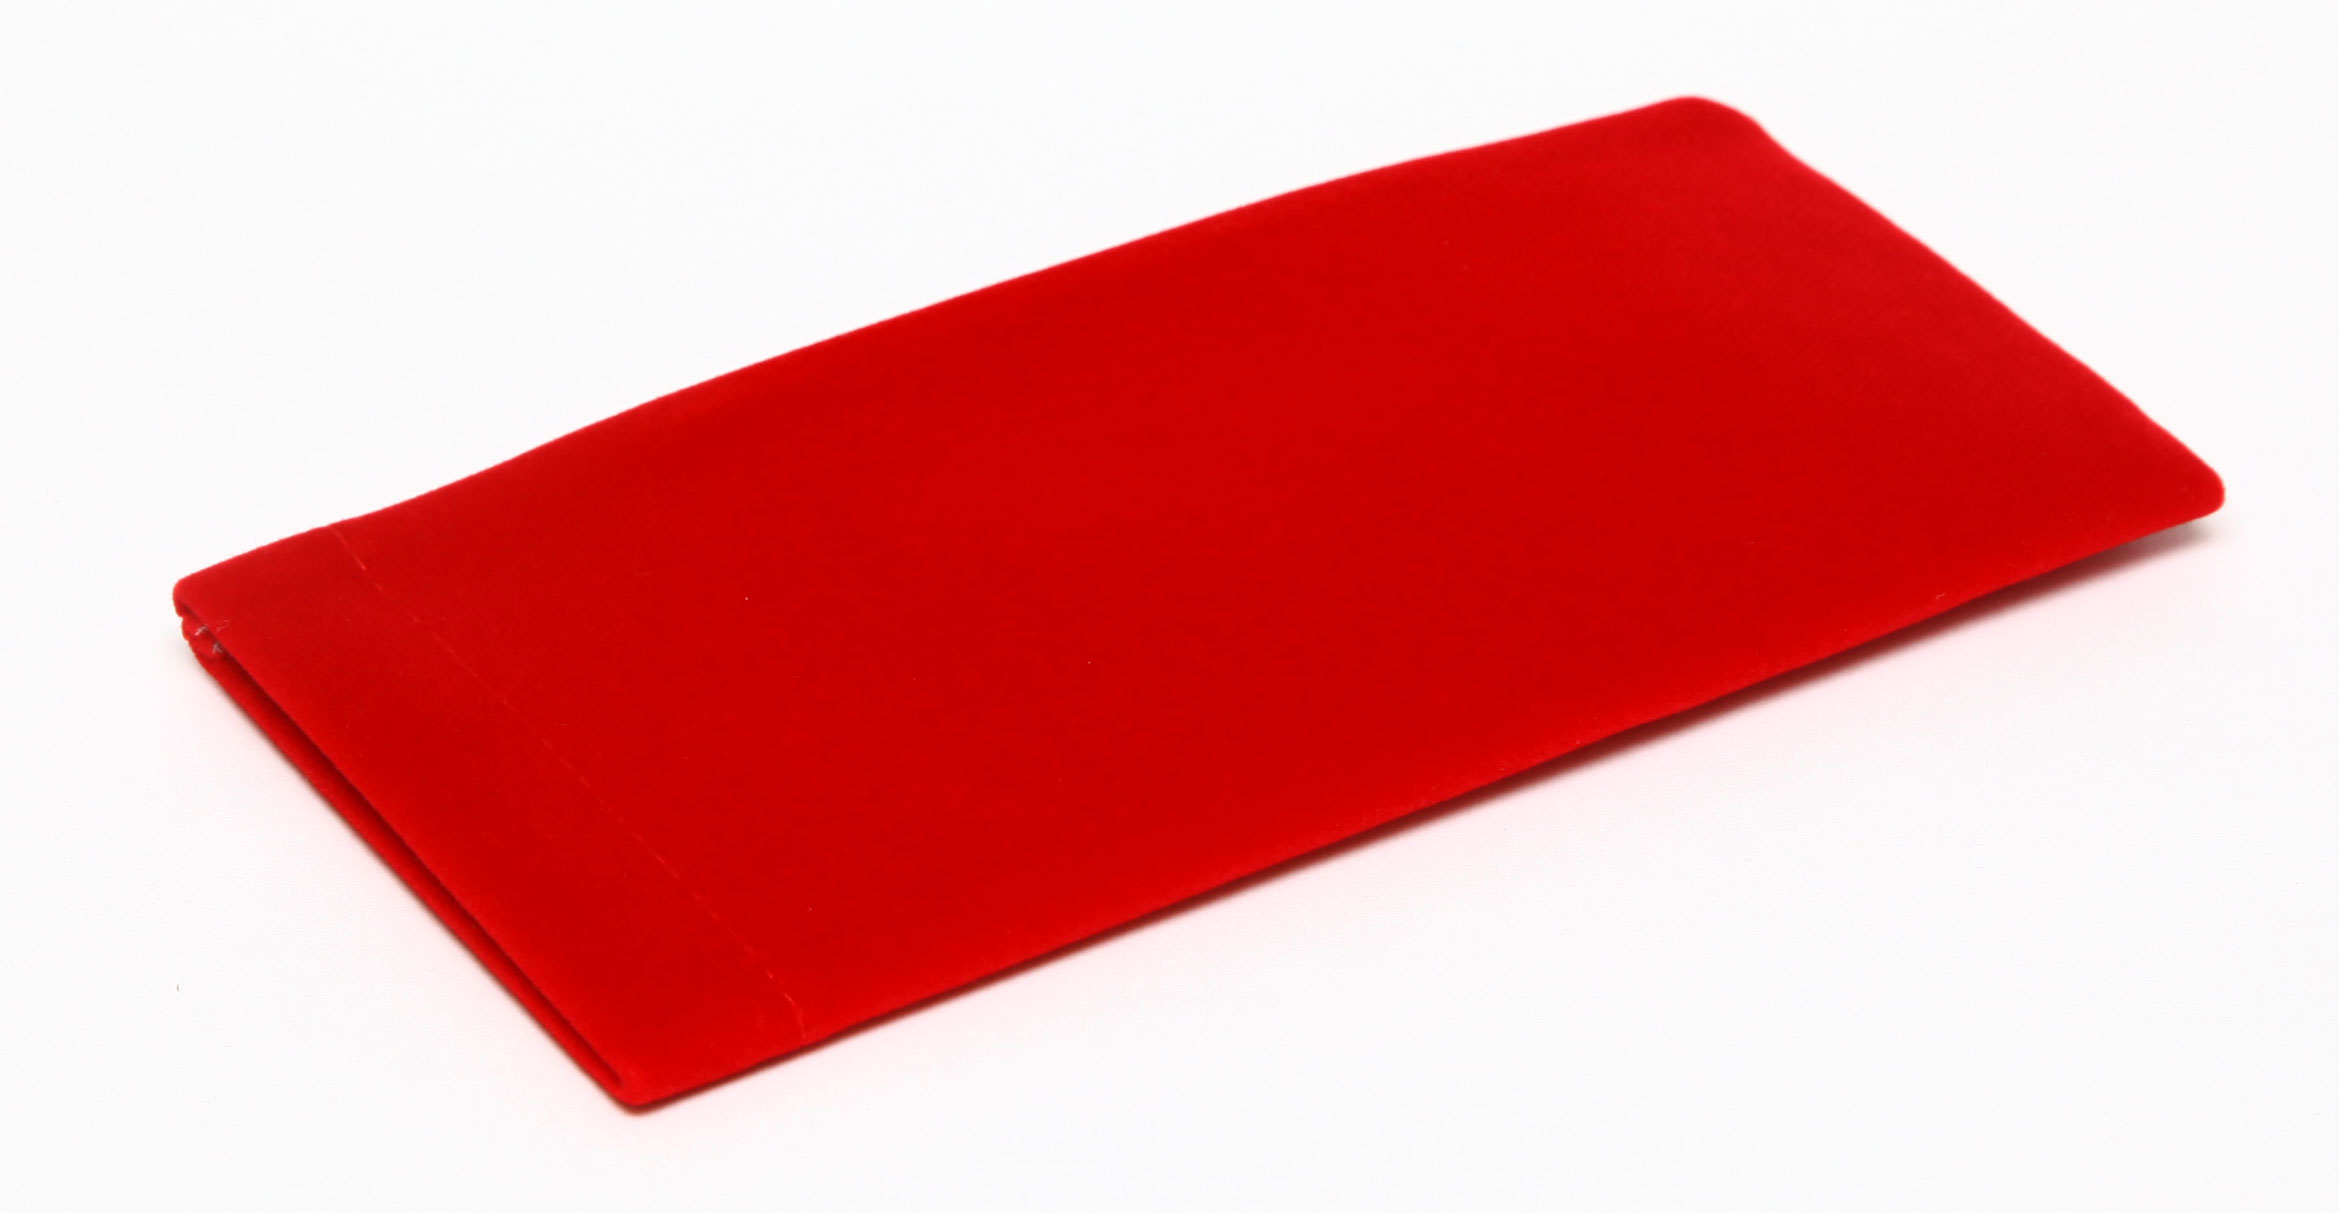 Proffi Home Футляр для очков Fabia Monti текстильный, мягкий, широкий, цвет: красный